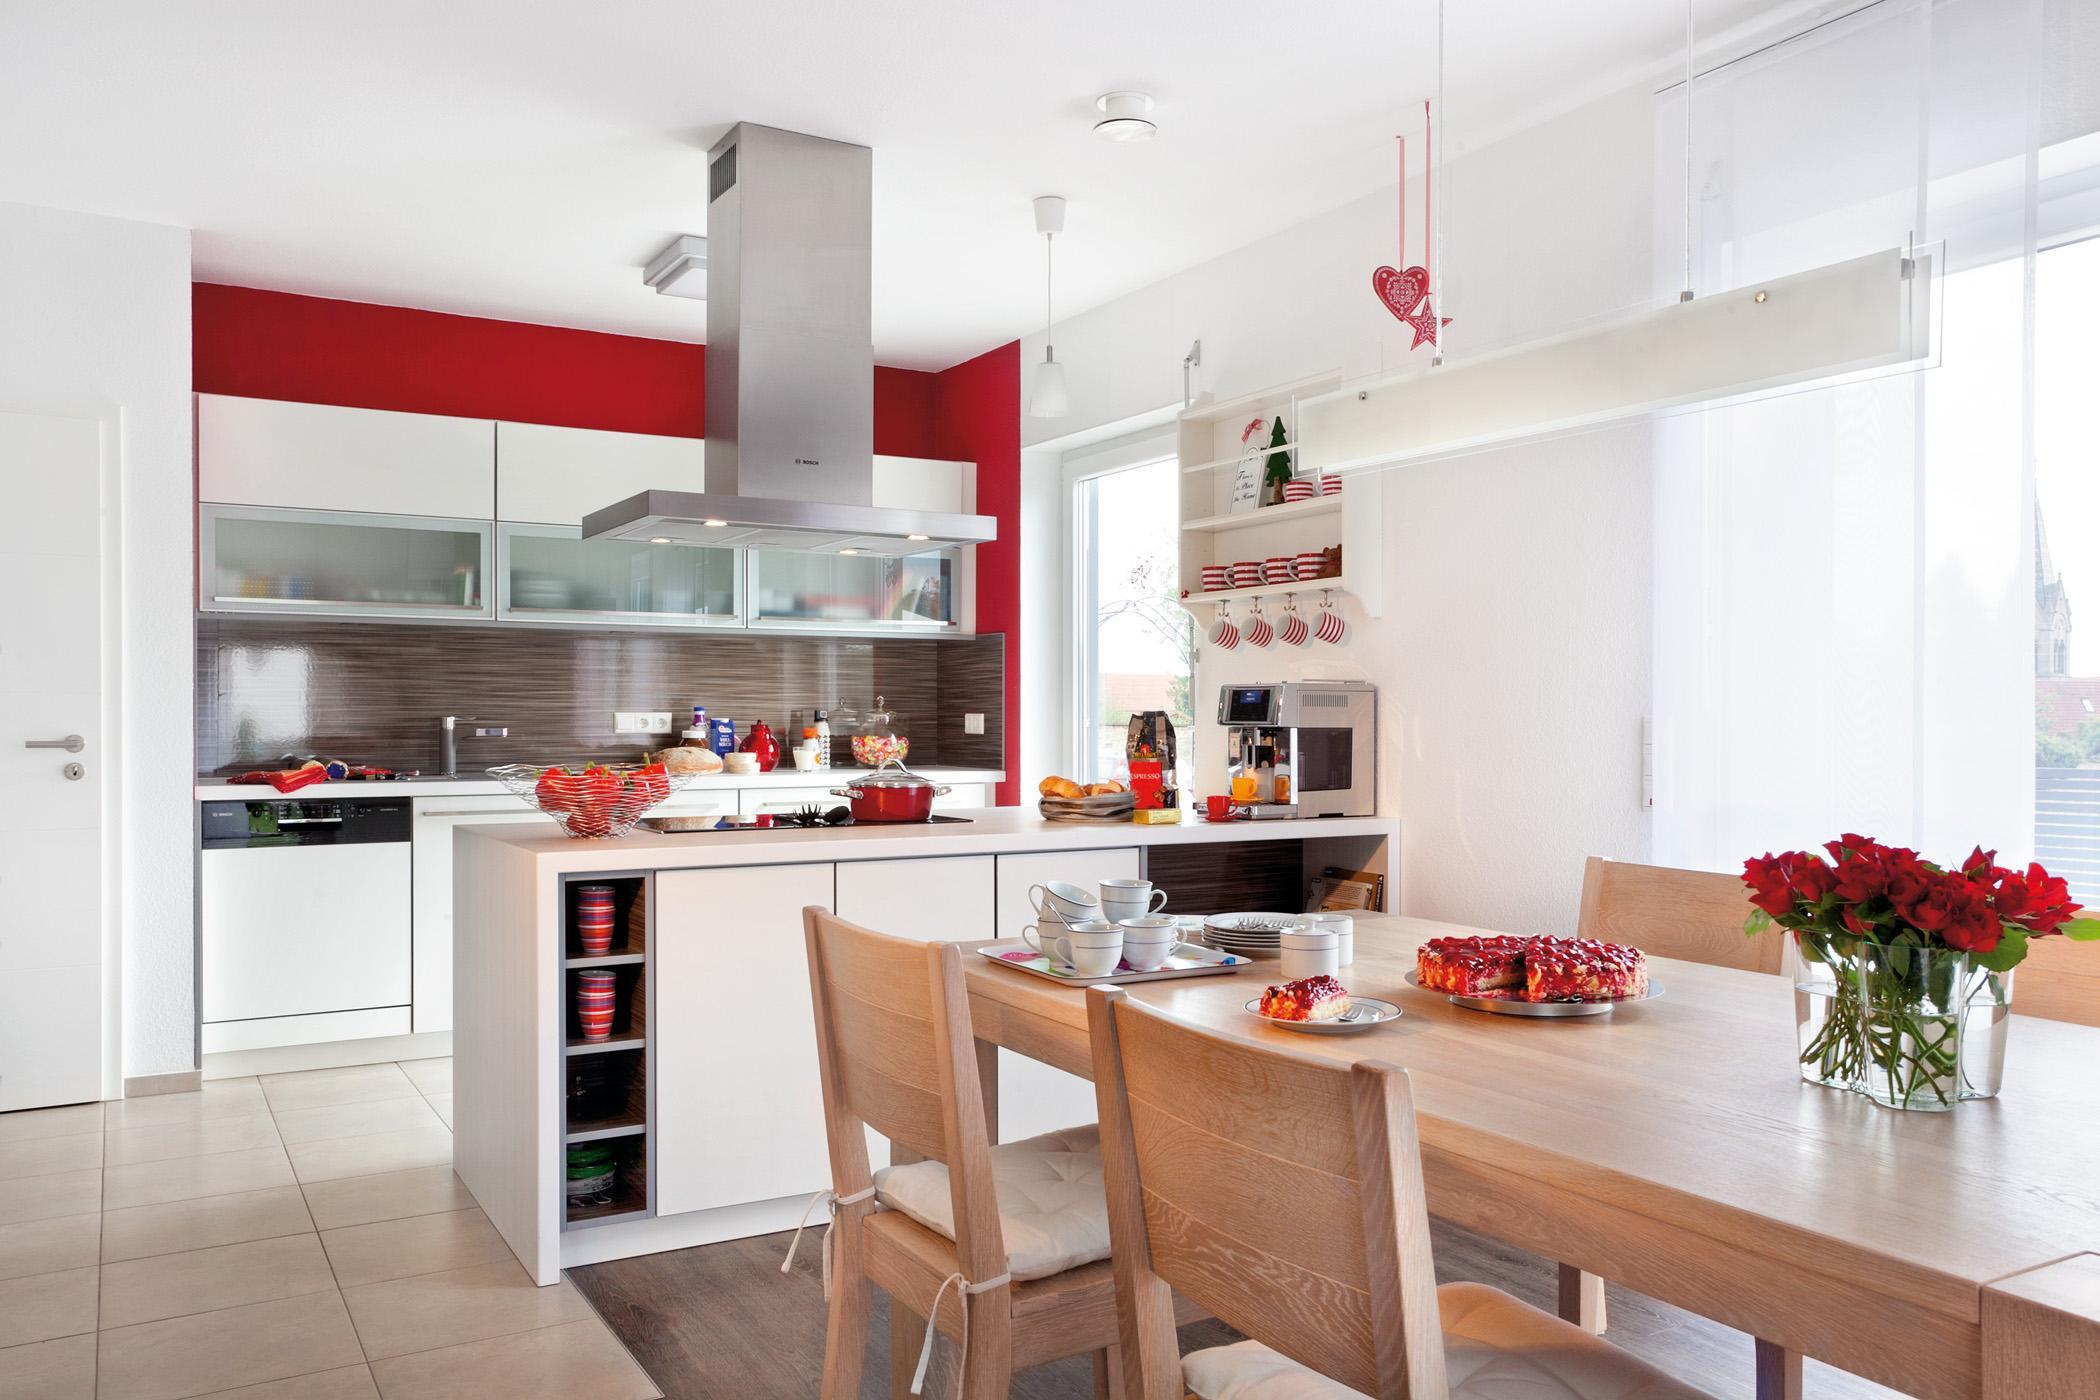 Hängeschrank küche landhausstil  Küchenmöbel • Bilder & Ideen • COUCHstyle